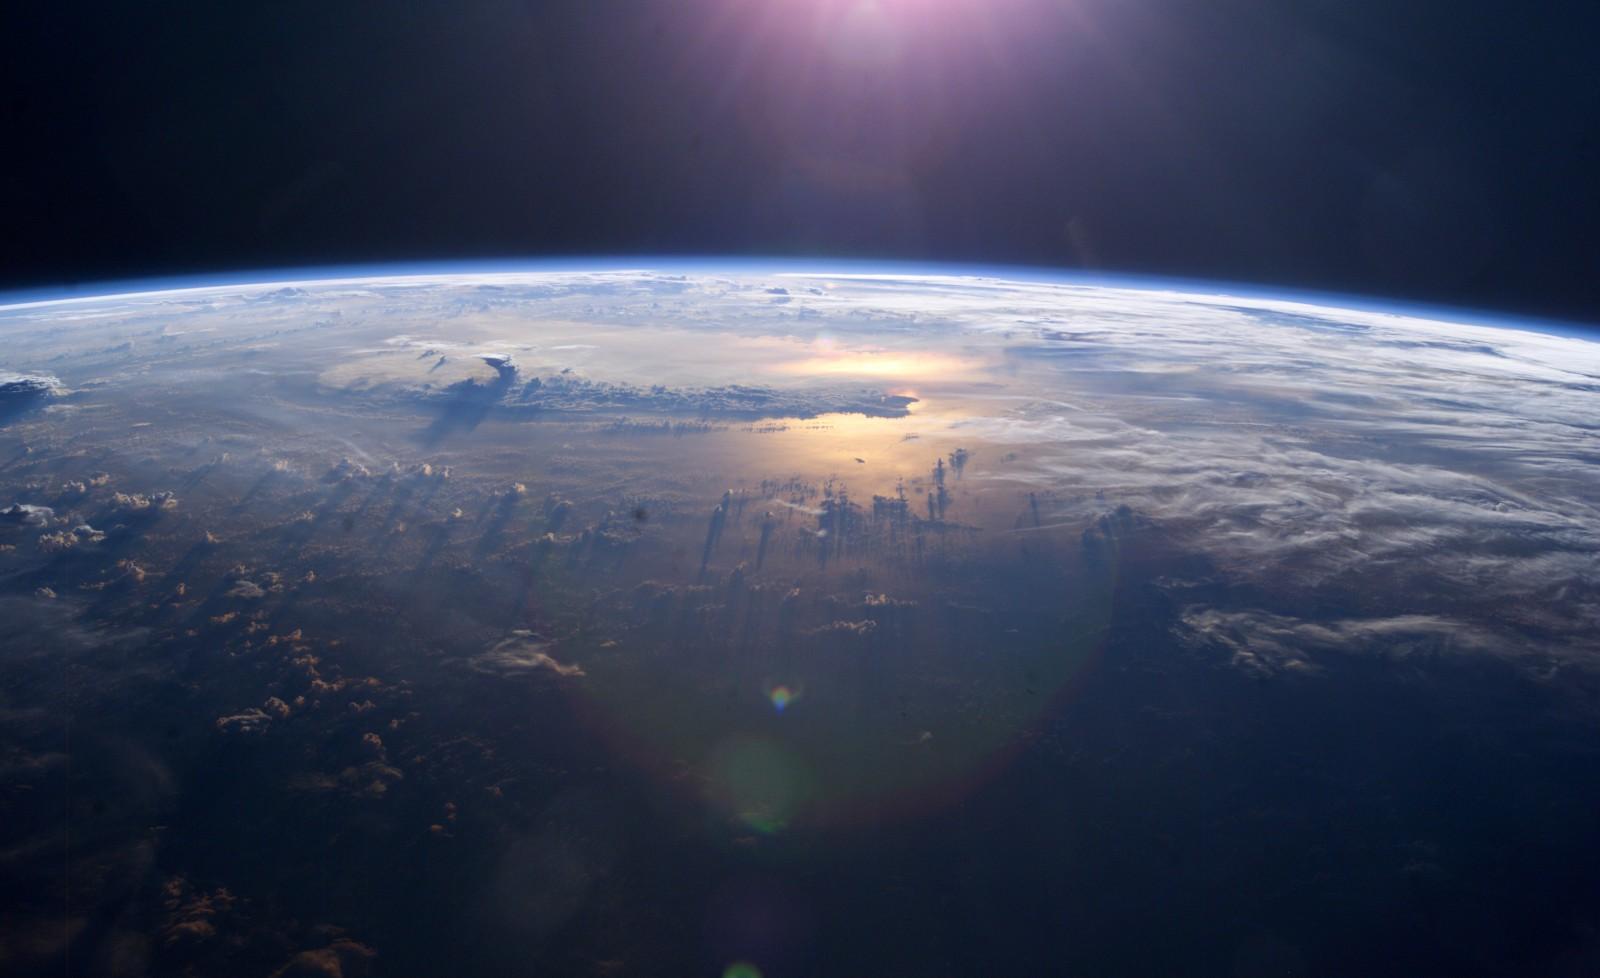 O rezervă de pământuri rare descoperită în Oceanul Pacific ar putea satisface cererea globală timp de câteva secole